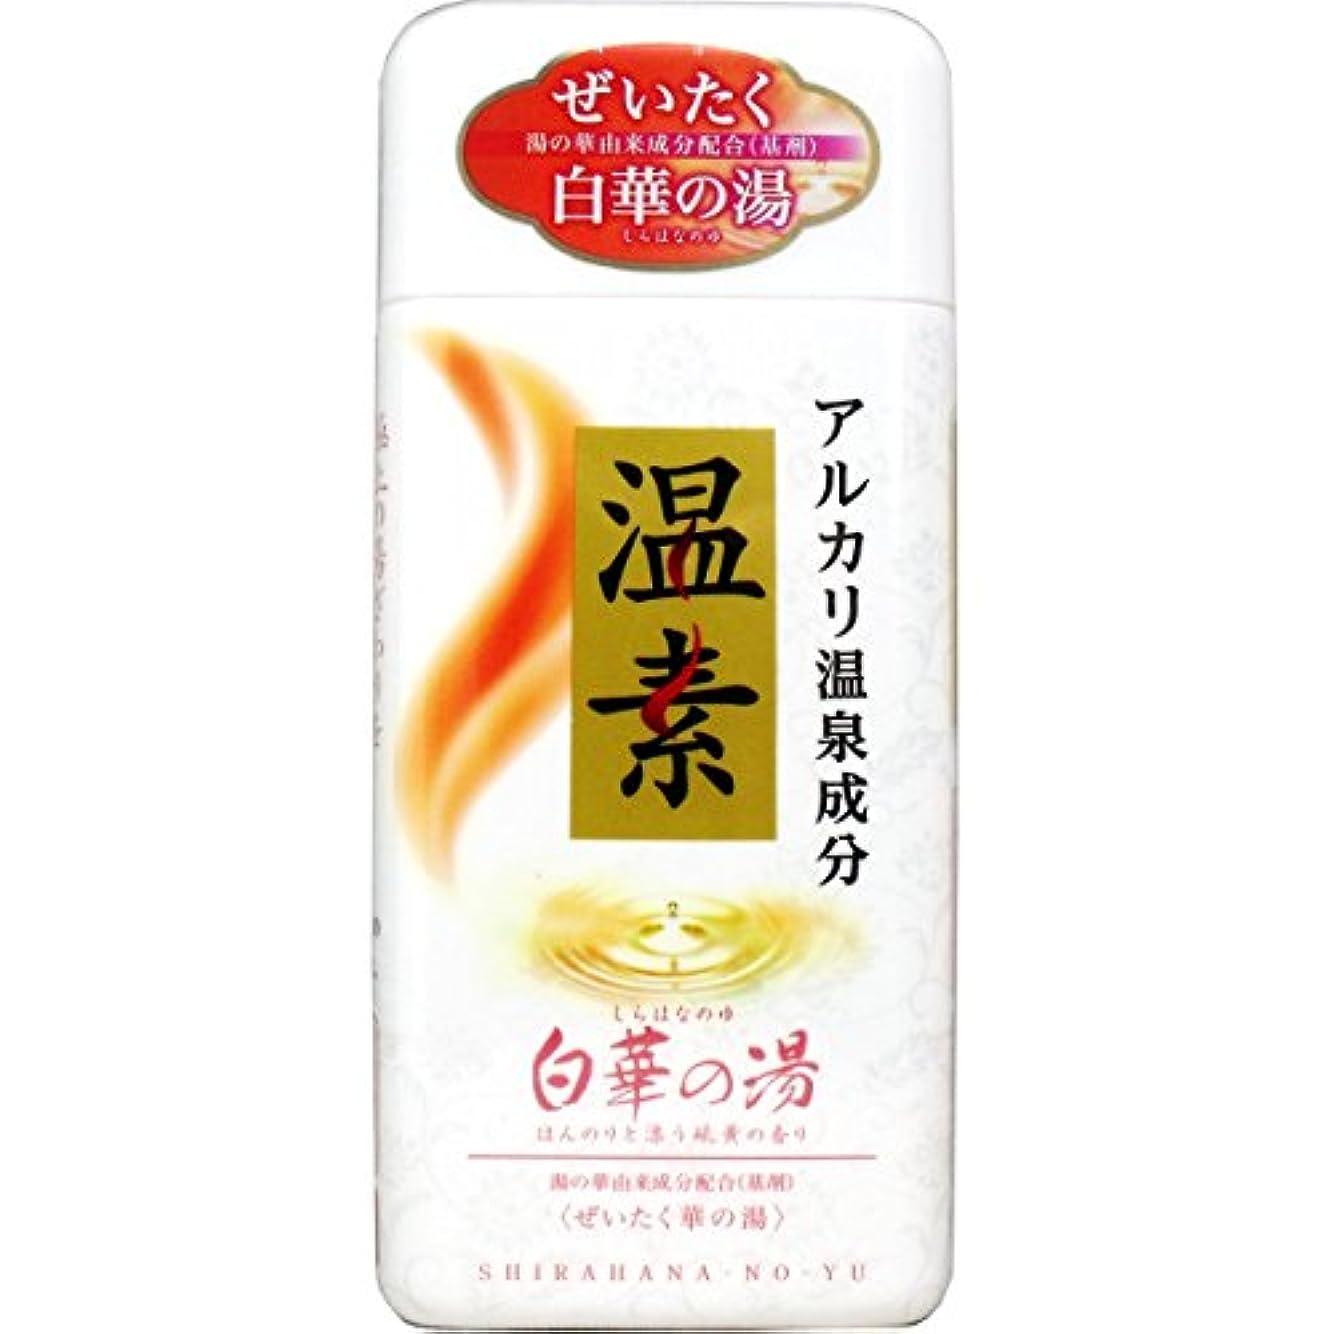 温泉の湯 ぜいたく華の湯 リラックス用品 アルカリ温泉成分 温素 入浴剤 白華の湯 硫黄の香り 600g入【5個セット】